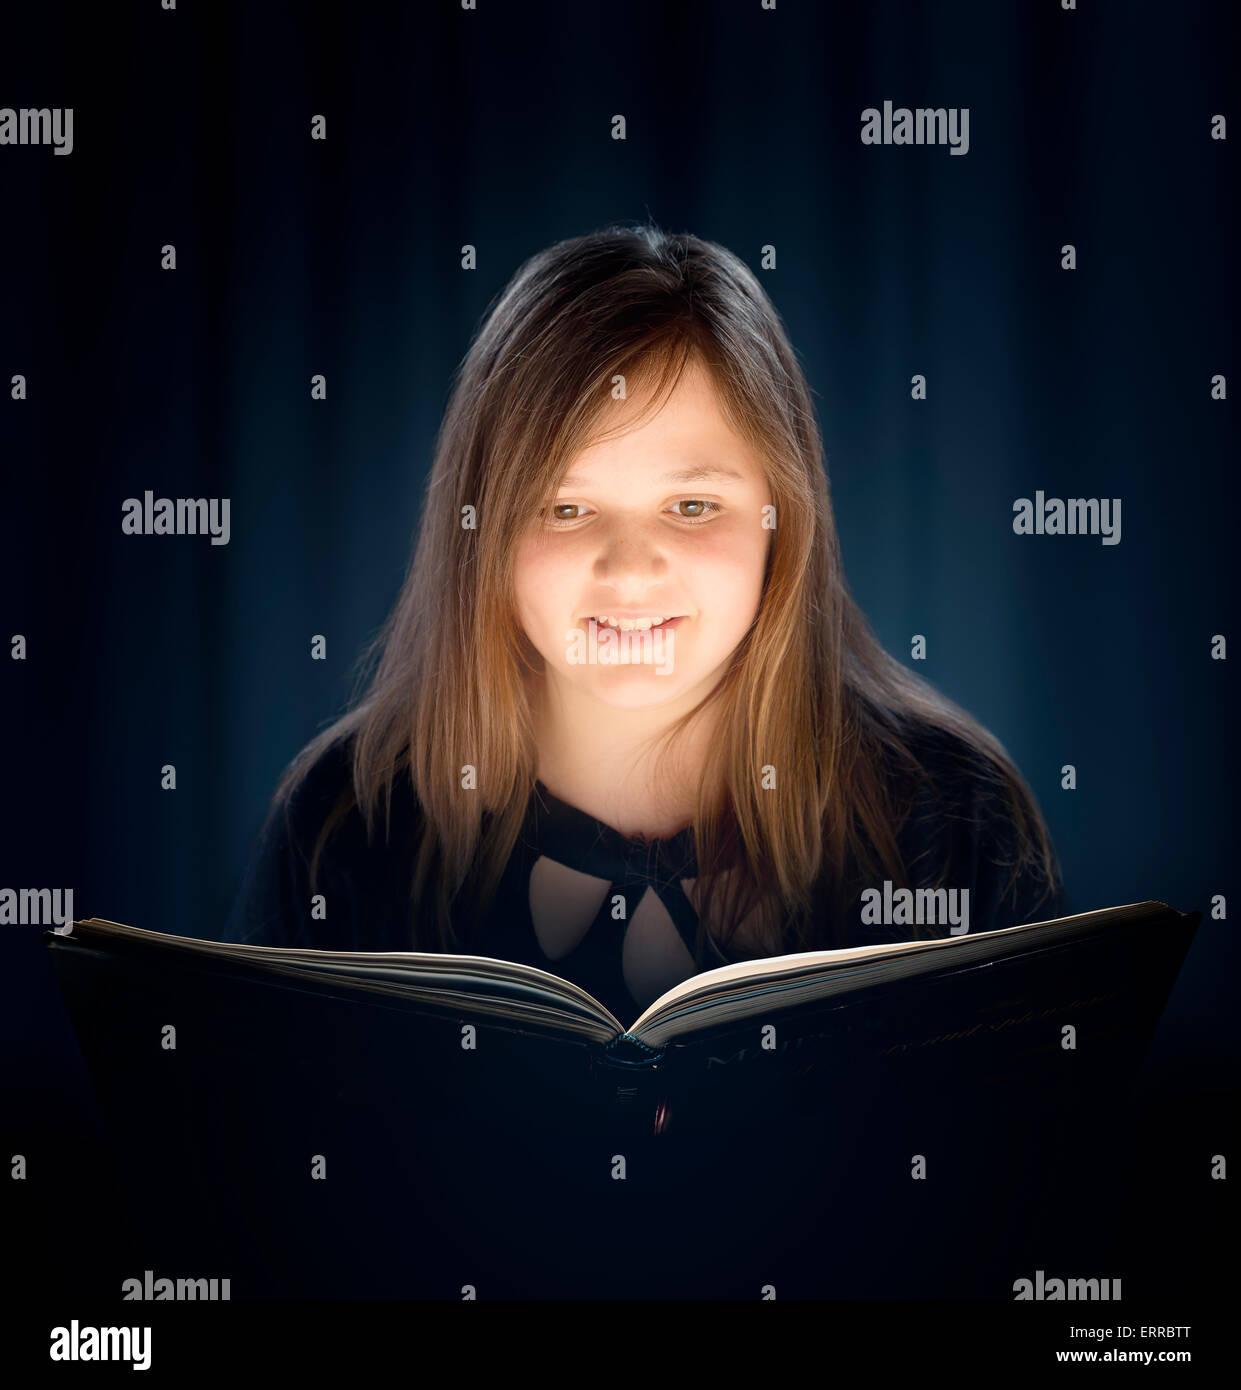 Muchacha con pelo largo leyendo un libro con luz brillante Imagen De Stock